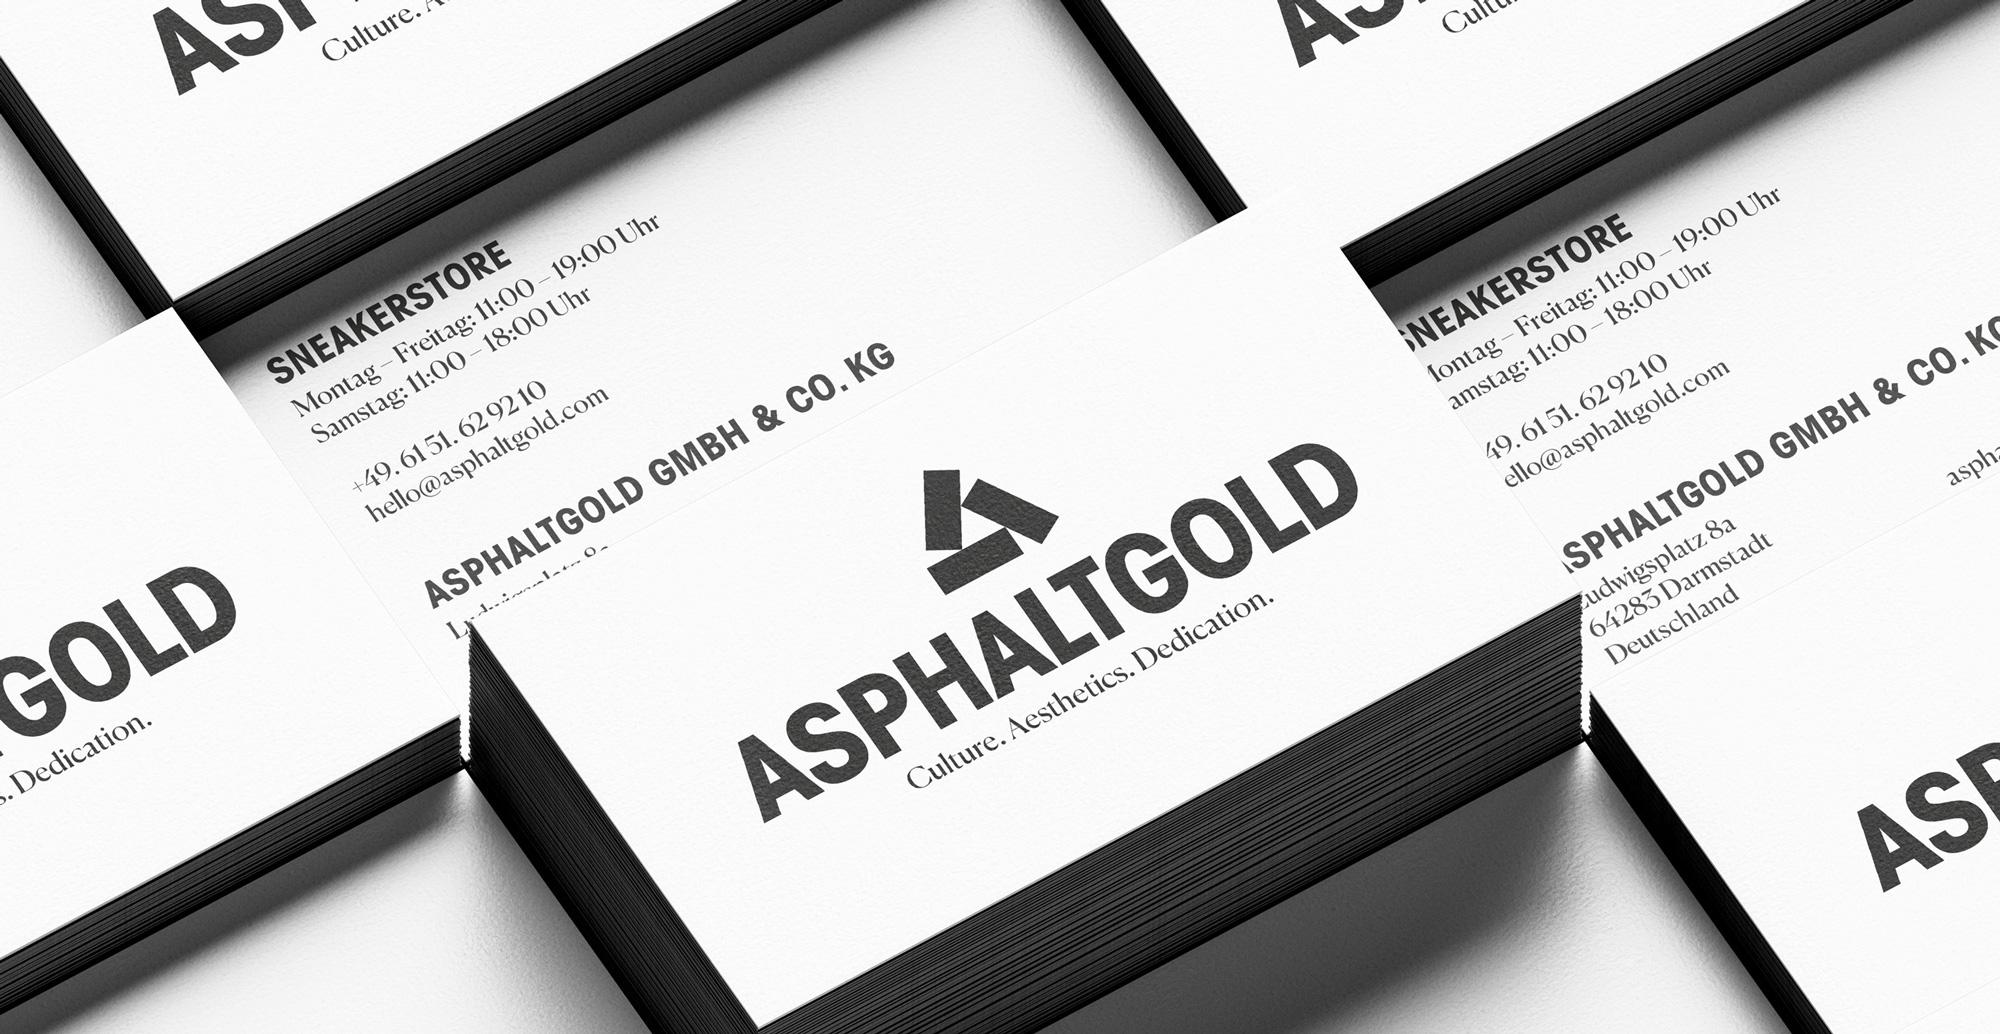 品牌VI設計公司發布Asphaltgold運動品牌企業全新的視覺形象設計-深圳VI設計3